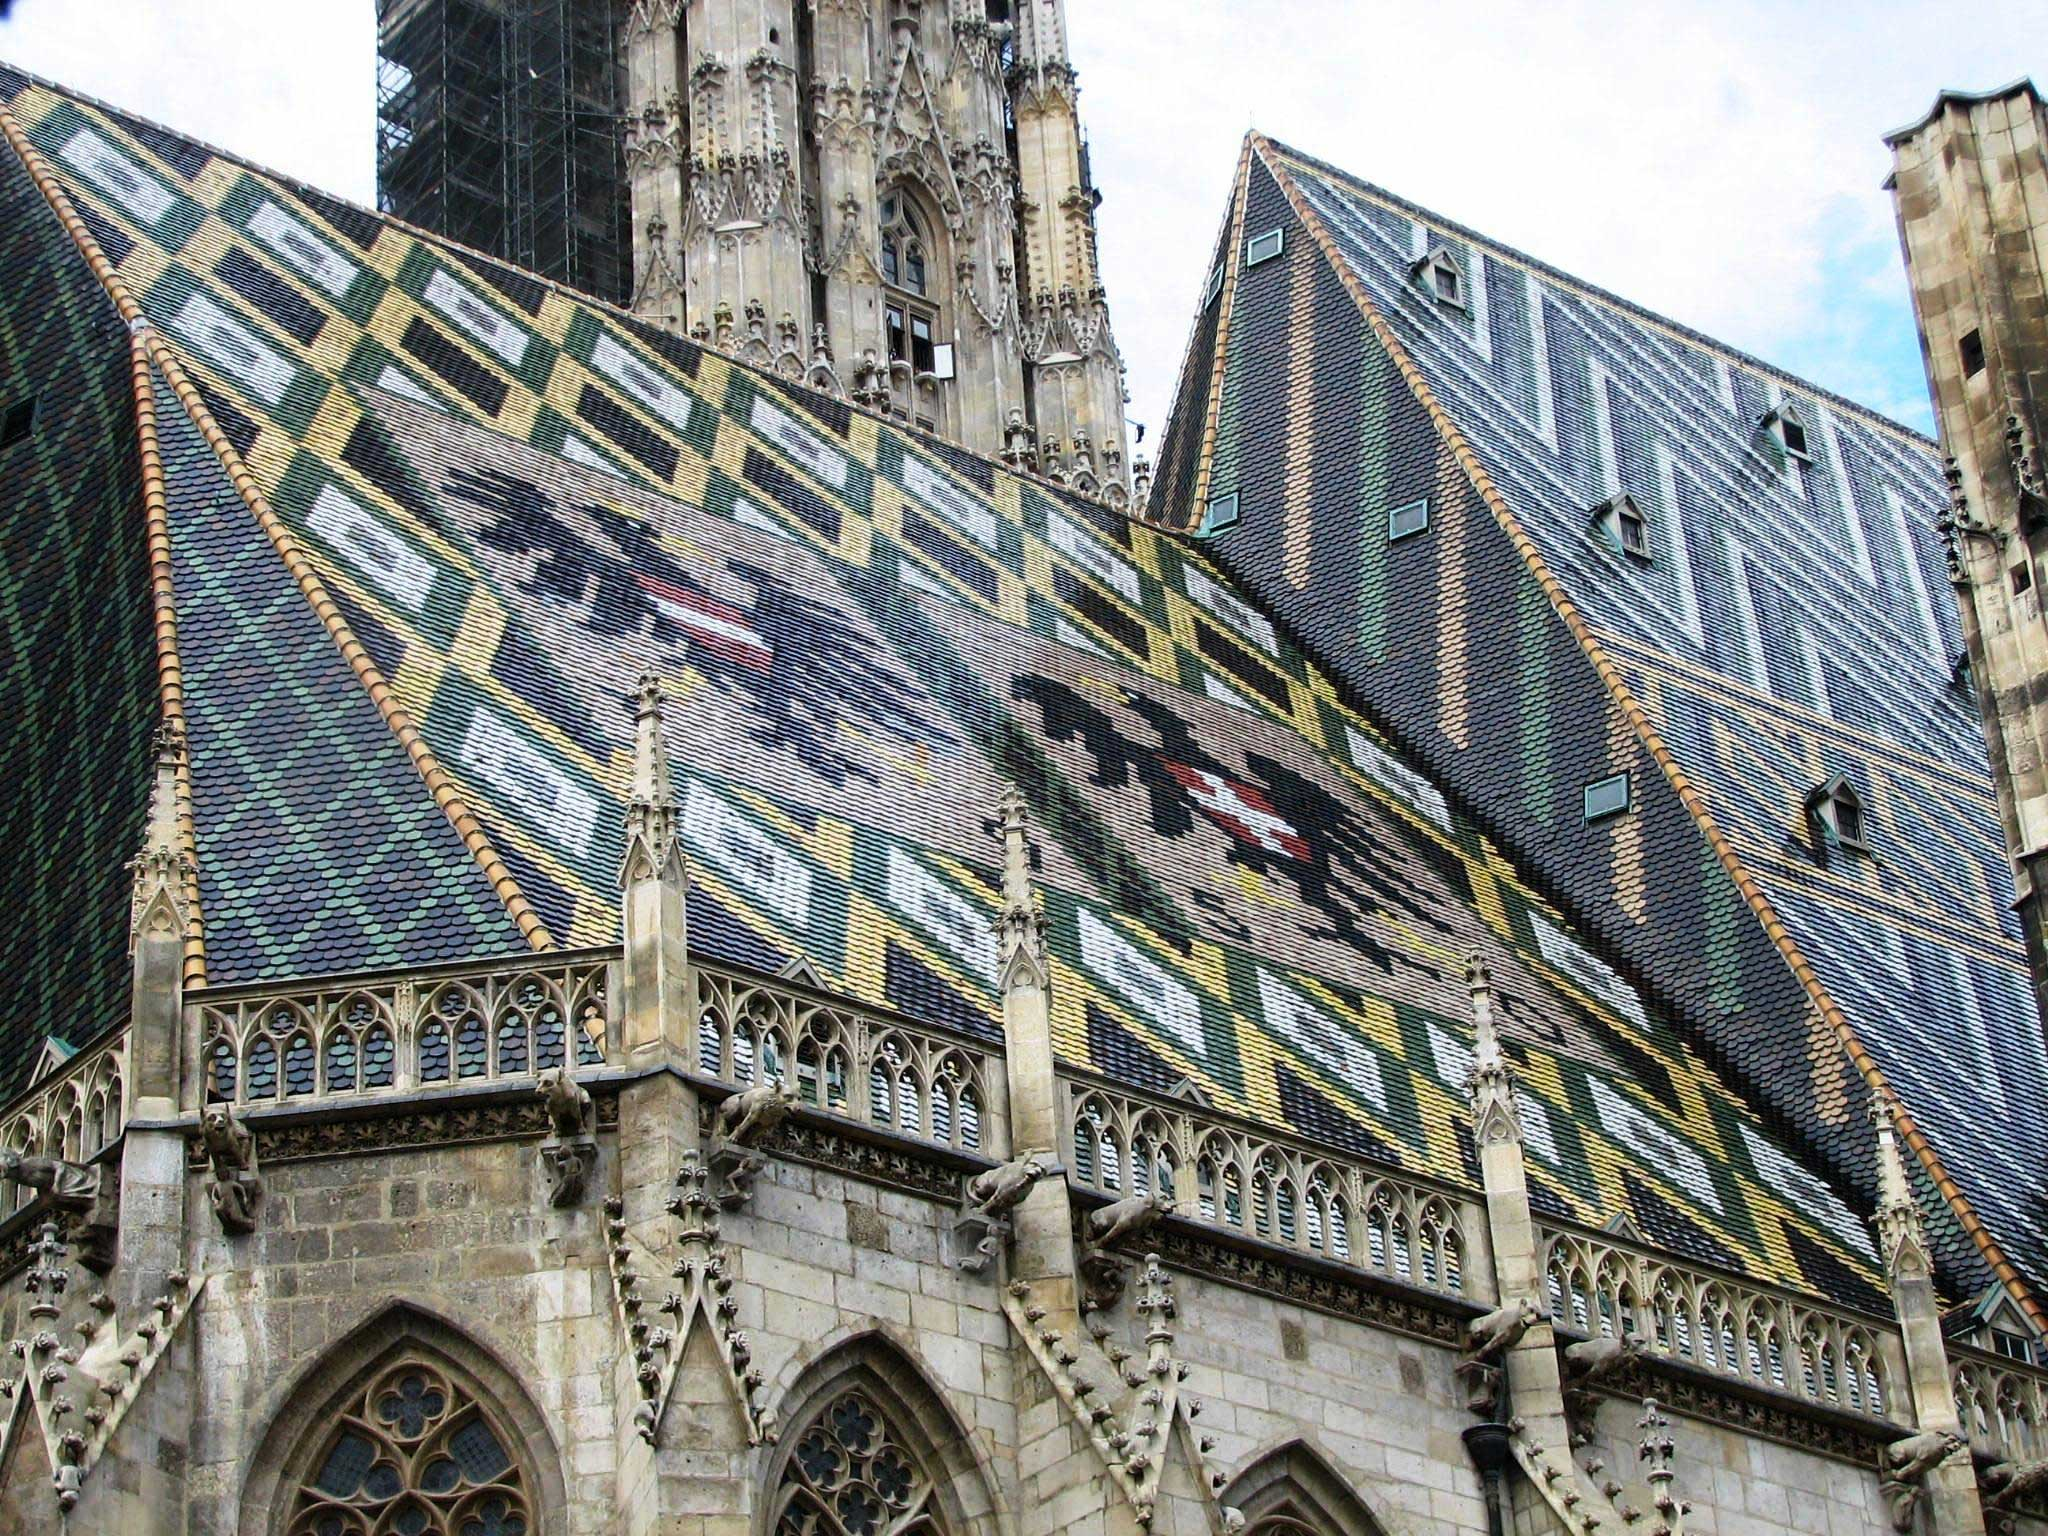 catedral-san-esteban-visita-viena Stephansdom – Catedral de San Esteban